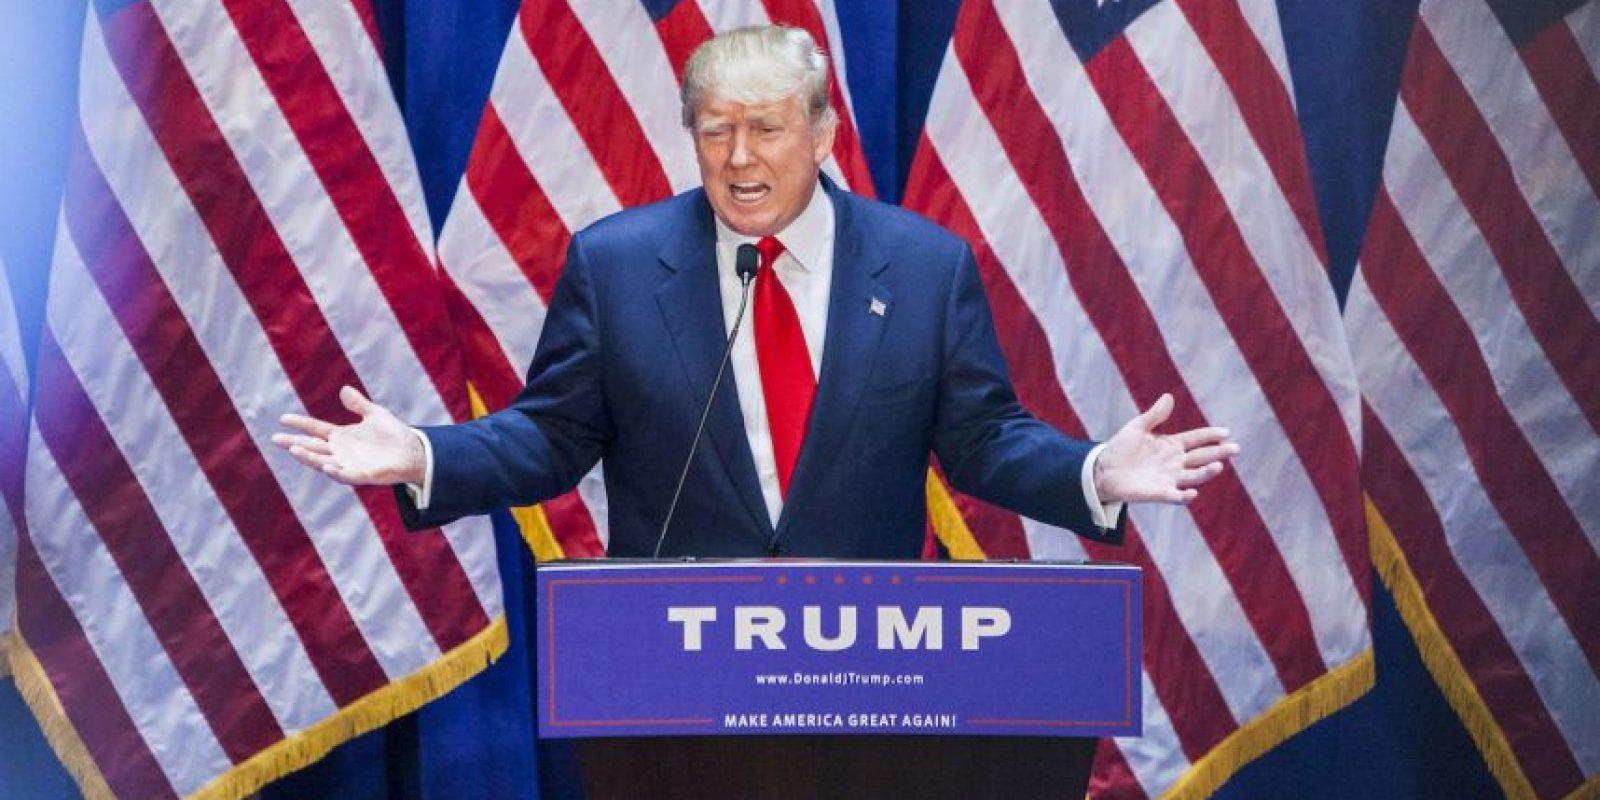 """Donald Trump, precandidato a la presidencia de los Estados Unidos y dueño de """"Miss Universo"""" causó controversia al lanzar comentarios ofensivos sobre los inmigrantes mexicanos. Foto:Getty Images"""